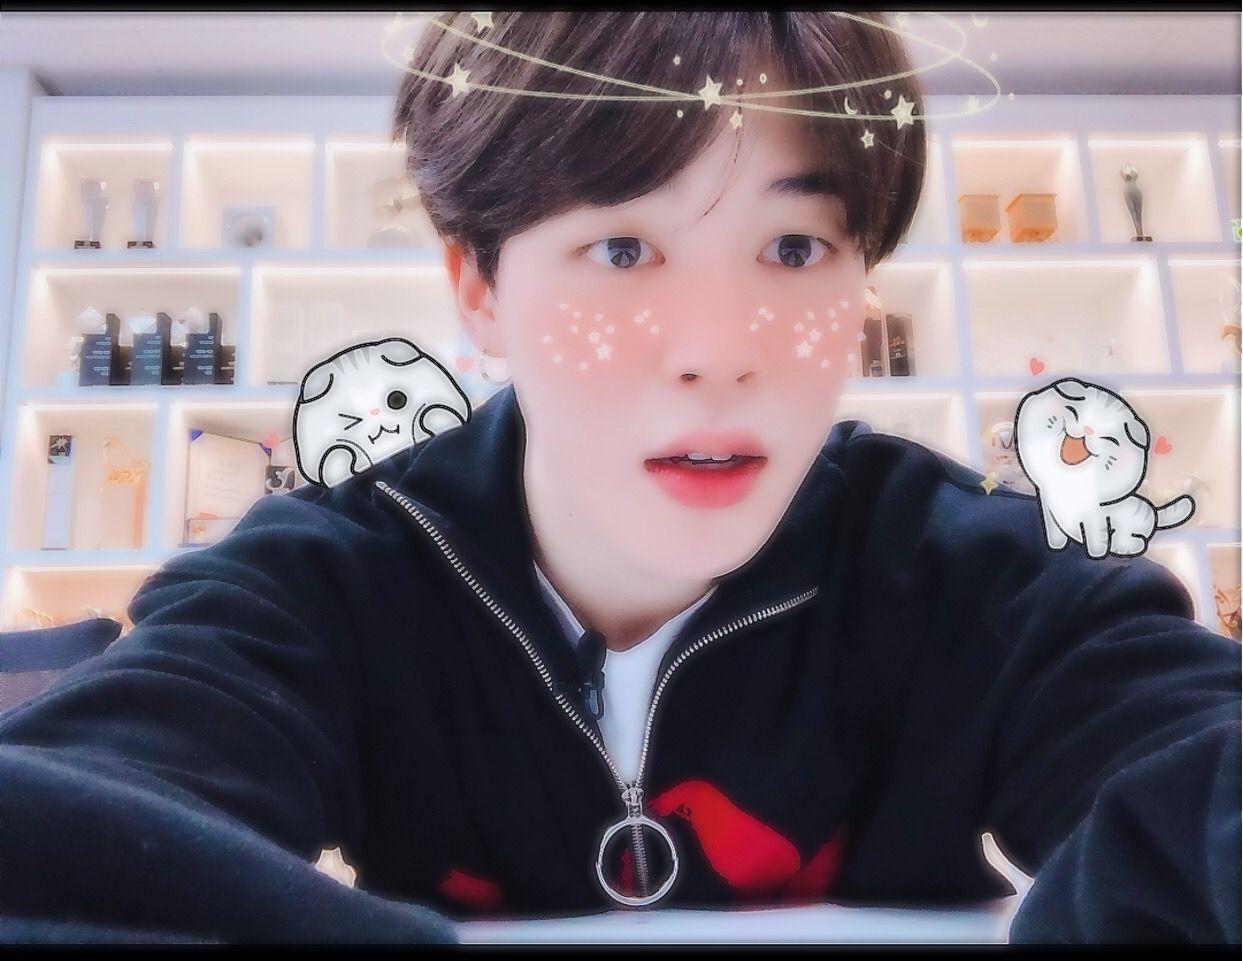 Edit In 3min Request Free Jimin Jiminbts Bts Cute Jimincute Edit Kpopedits Kpop Kpopidol Kpoper Korean Editidea Army Jimin Bts Mochi